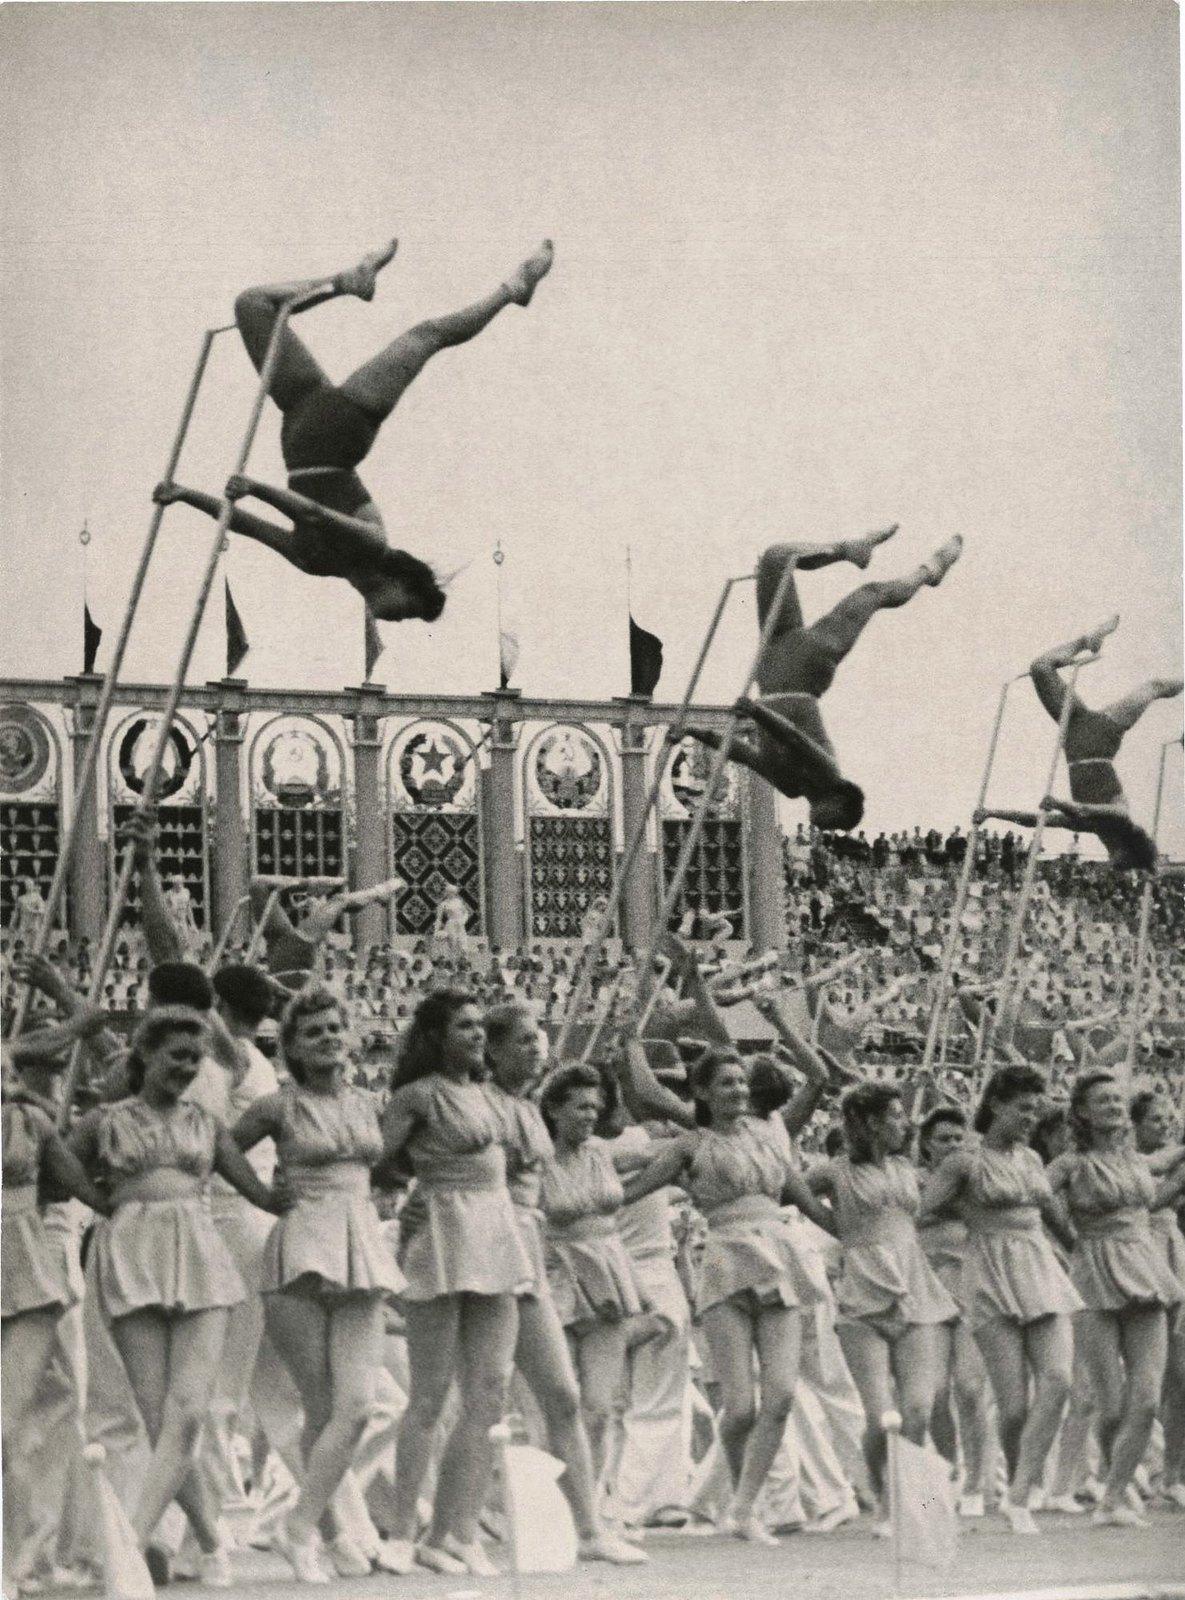 1957. VI Всемирный фестиваль молодежи и студентов, лето